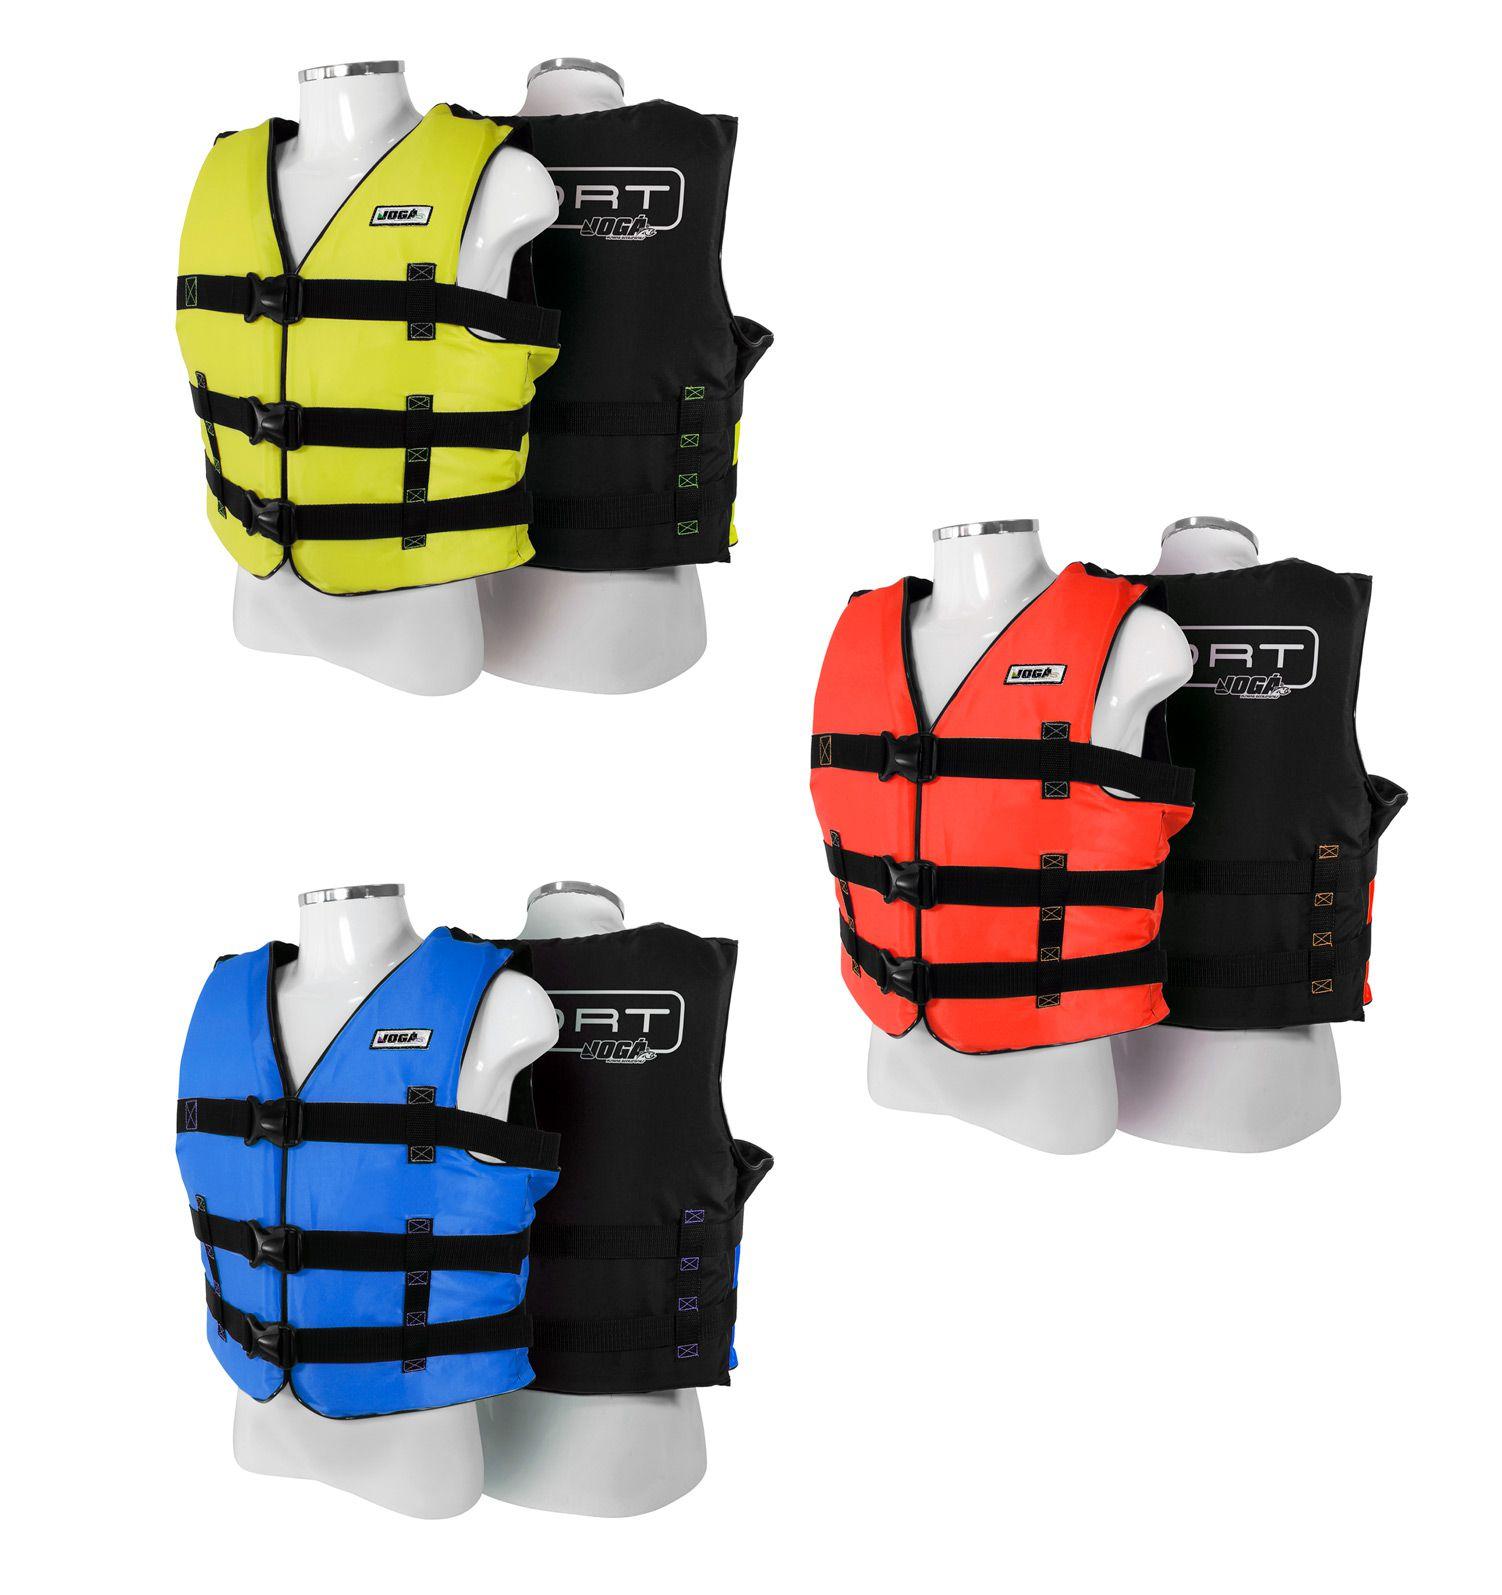 Colete Salva Vidas Jogá Homologado Classe 5 Sport - GG (Acima de 110kg)  - Life Pesca - Sua loja de Pesca, Camping e Lazer